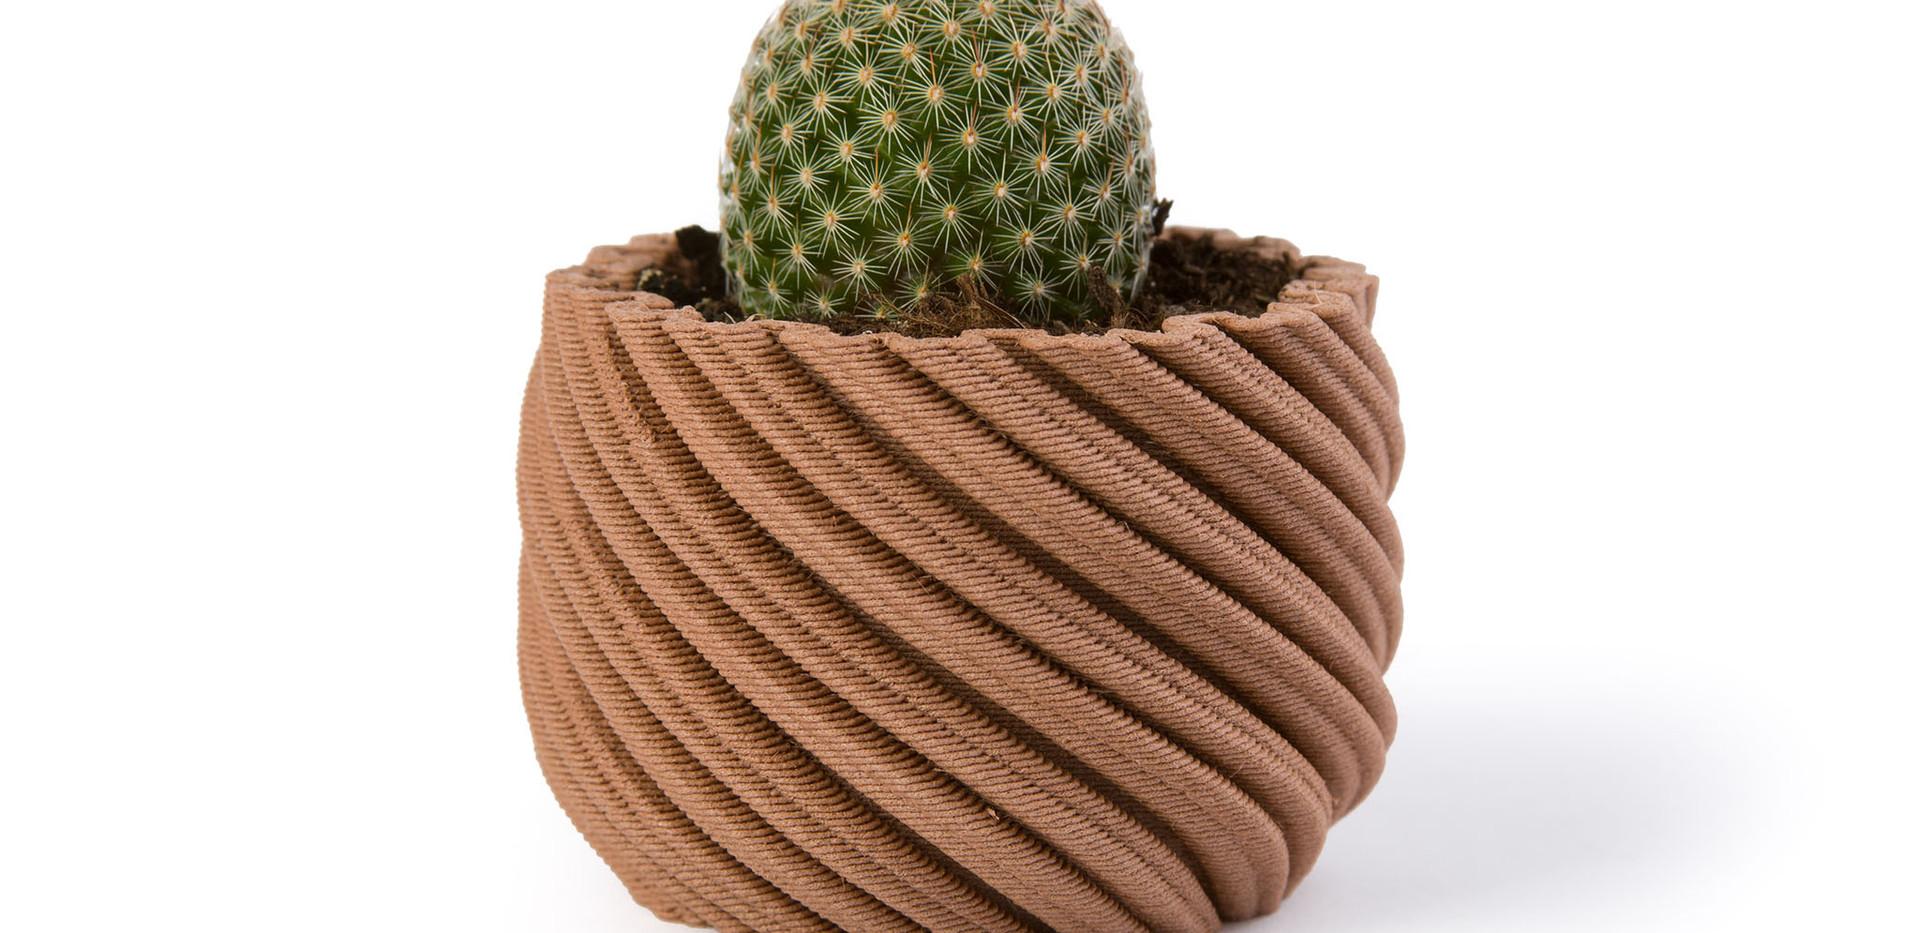 Cactus Cinnamon